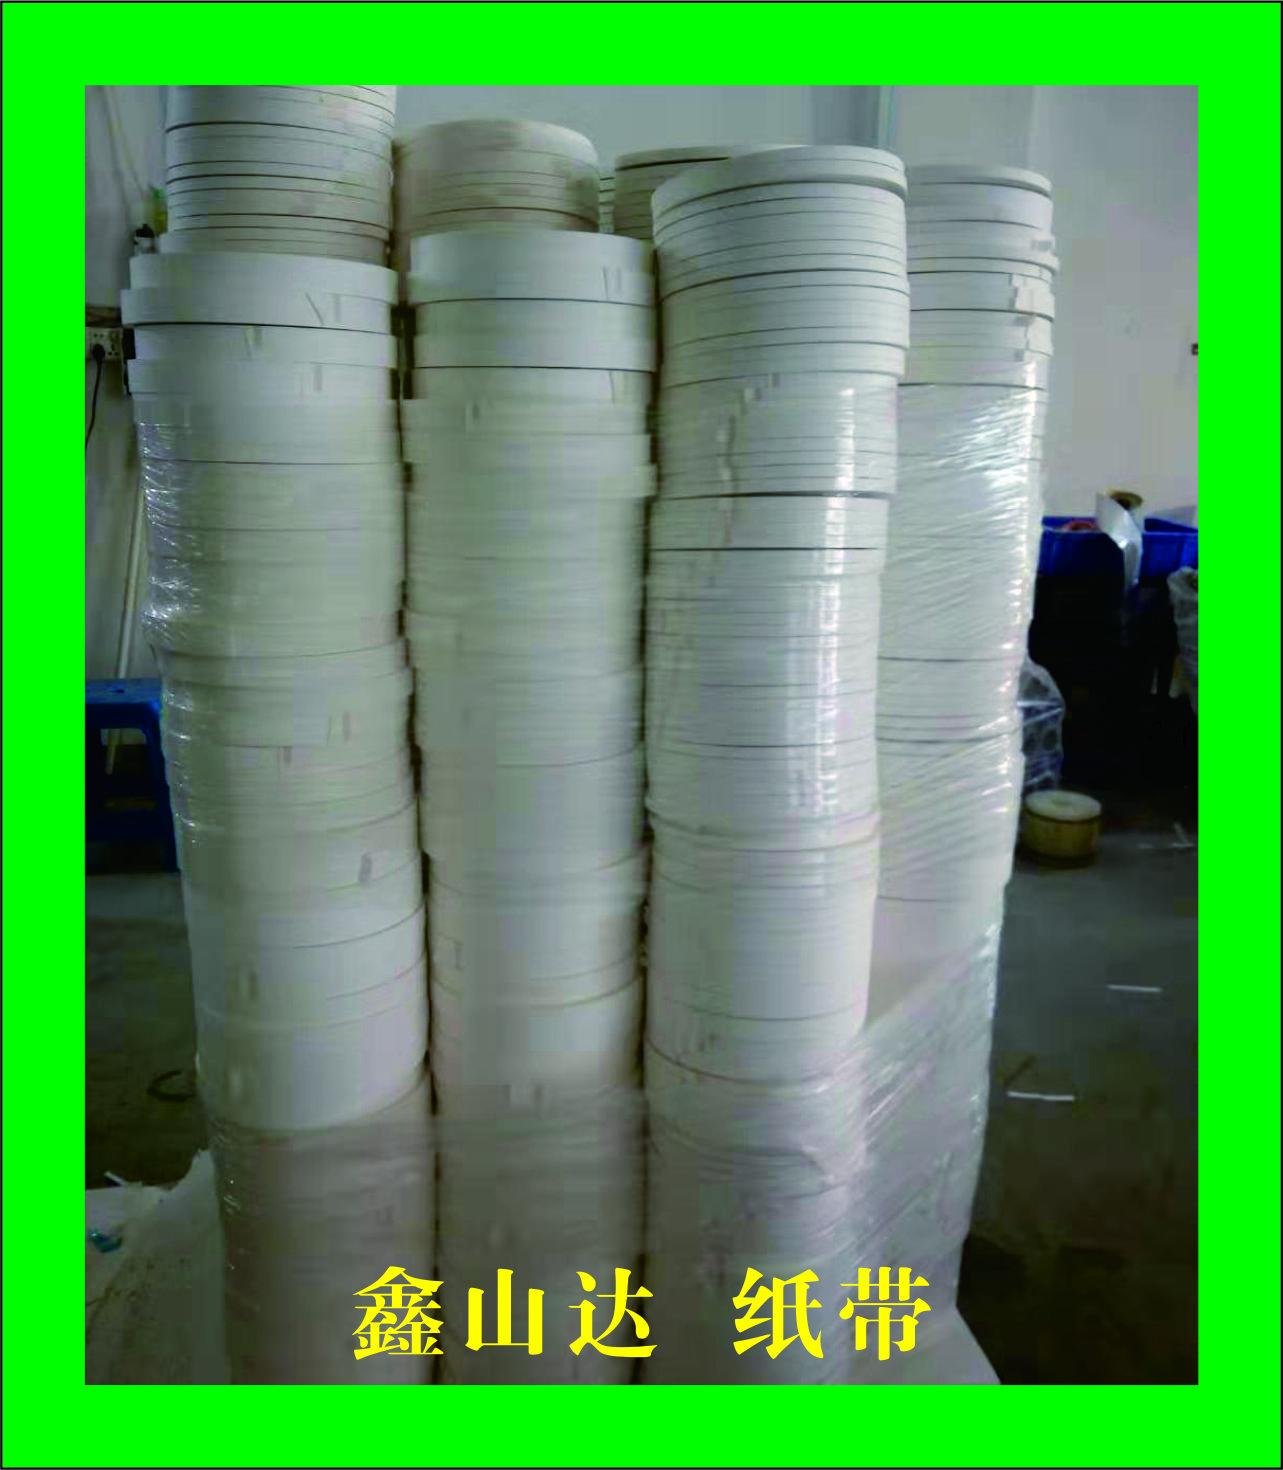 不銹鋼紙  載帶隔離紙 隔離紙  離型紙  分條加工